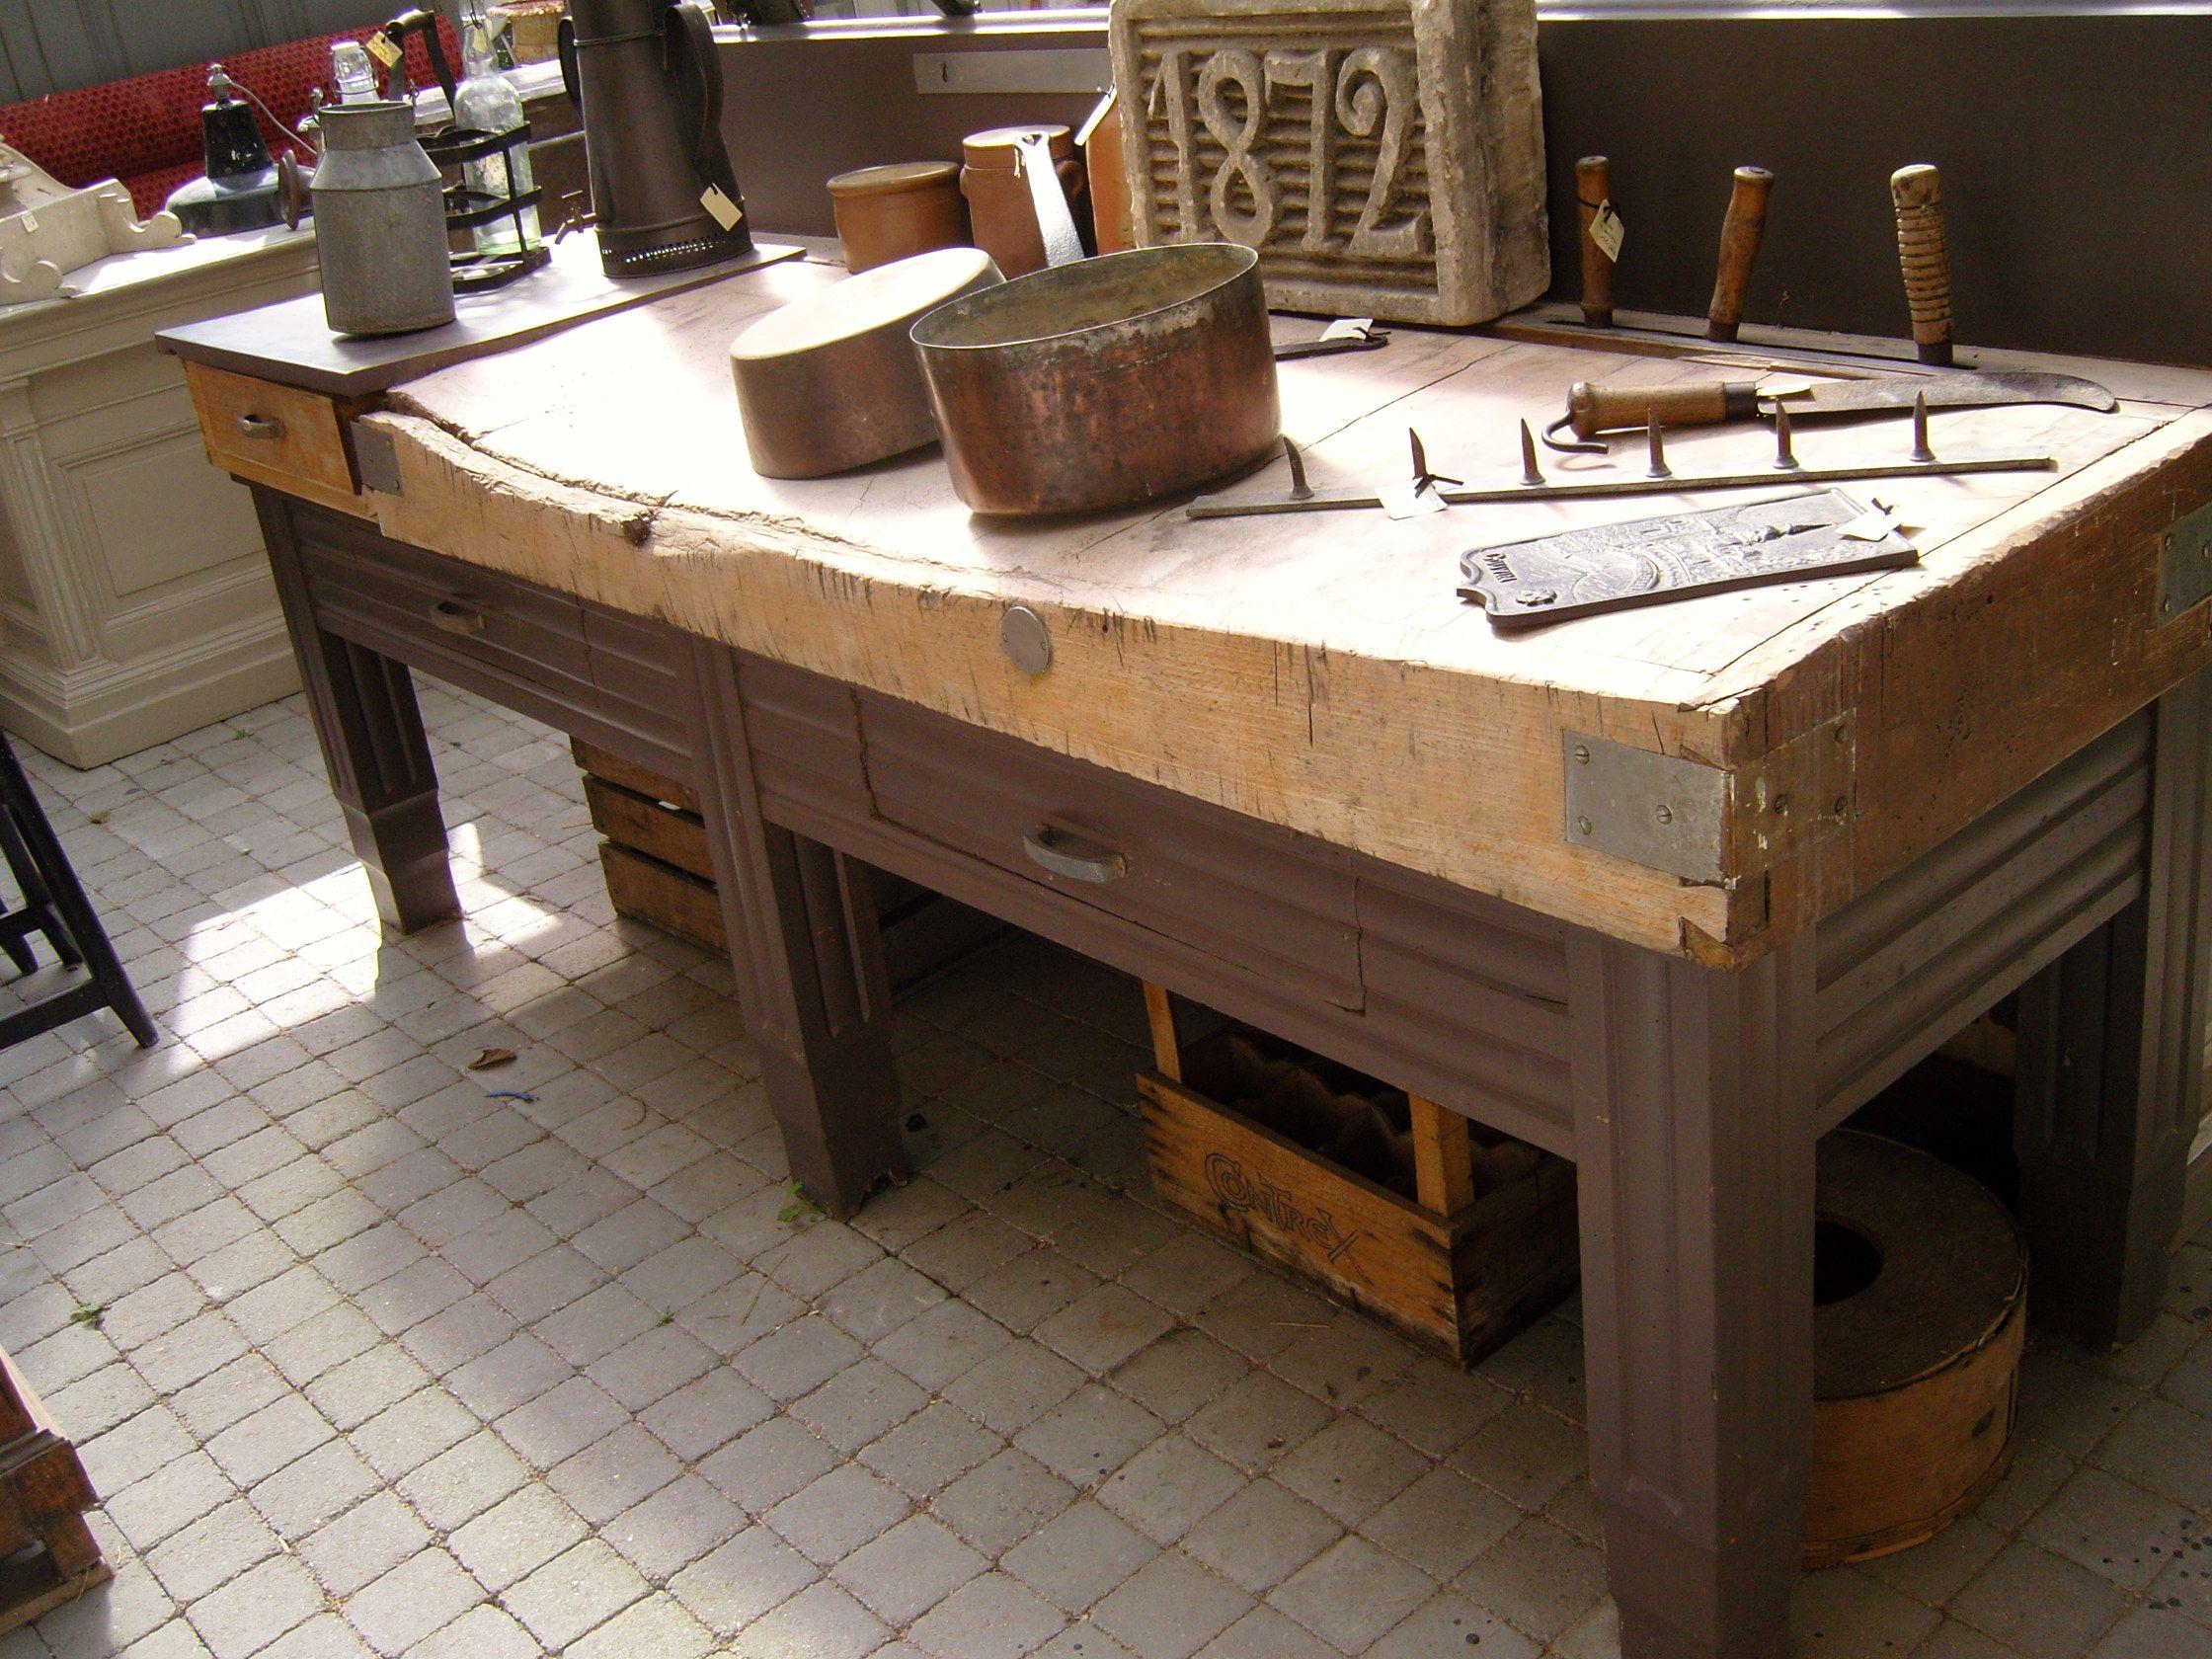 billot de boucher atelier sixteen brocante pierrefonds france http ateliersixteen e. Black Bedroom Furniture Sets. Home Design Ideas